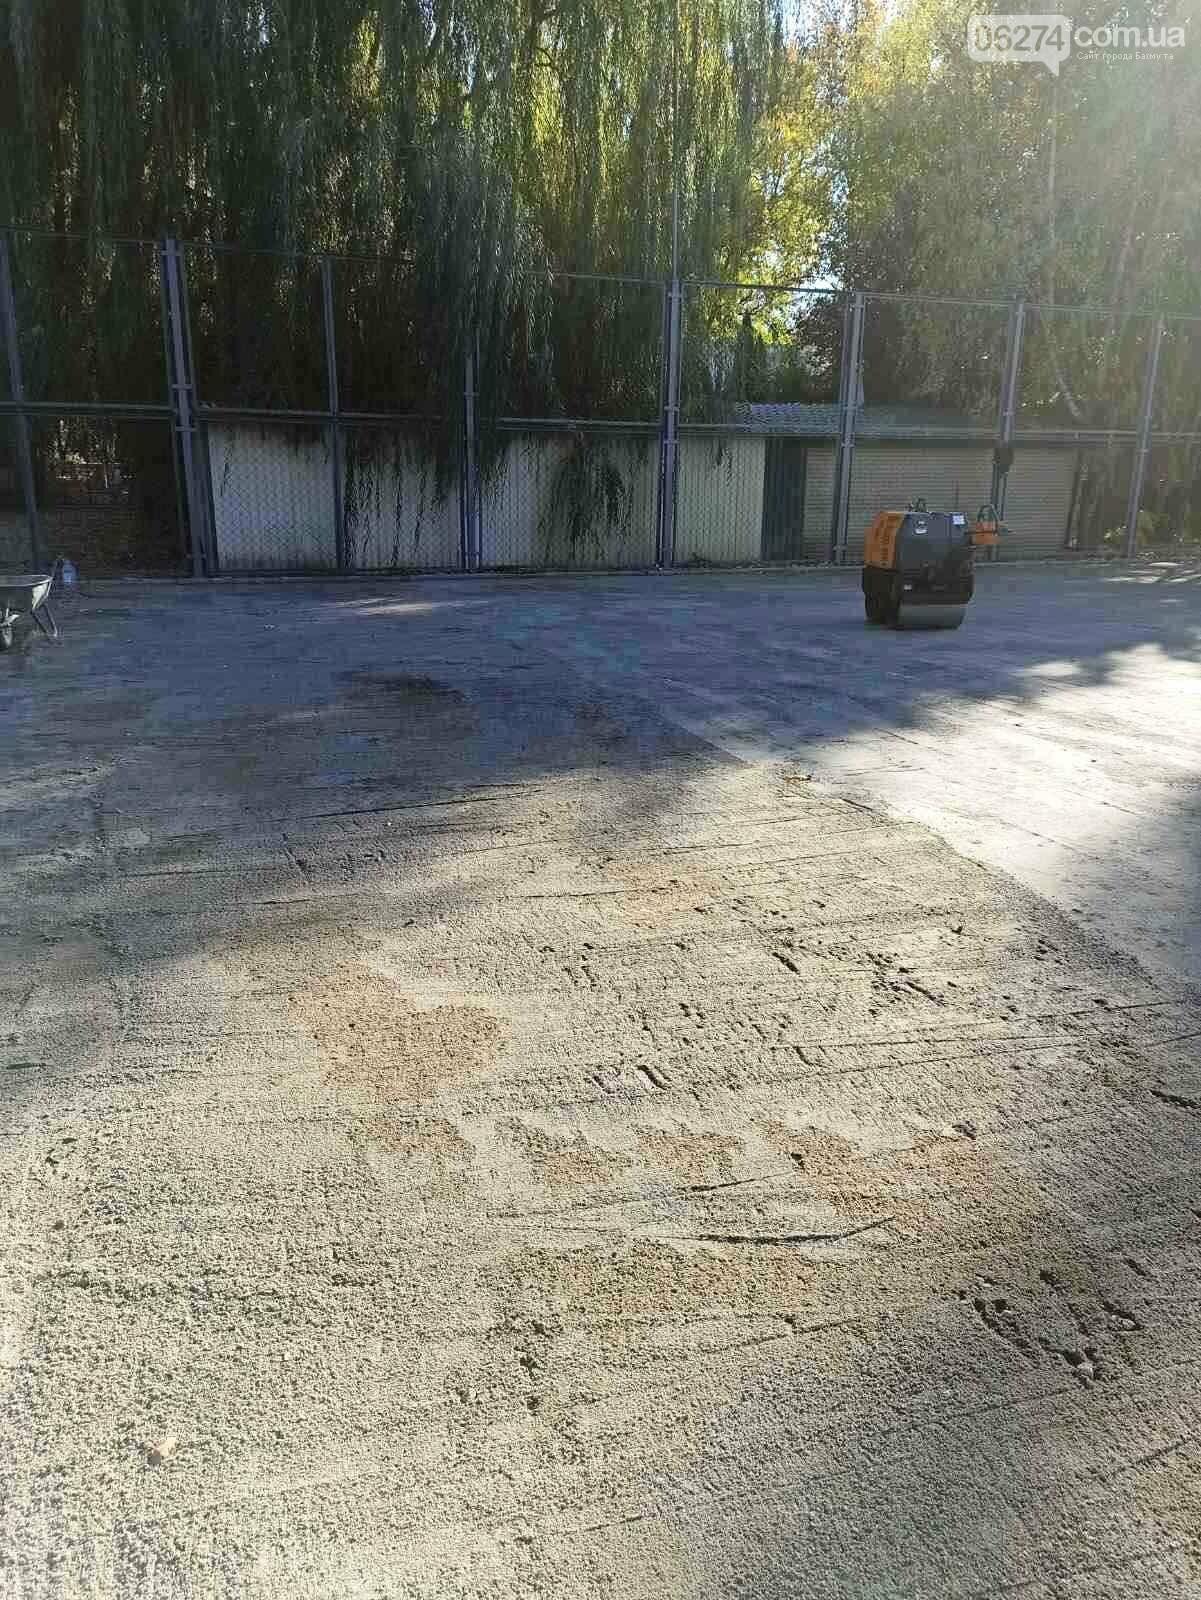 В Бахмуте проводится реконструкция и капитальный ремонт спортивных объектов, фото-2